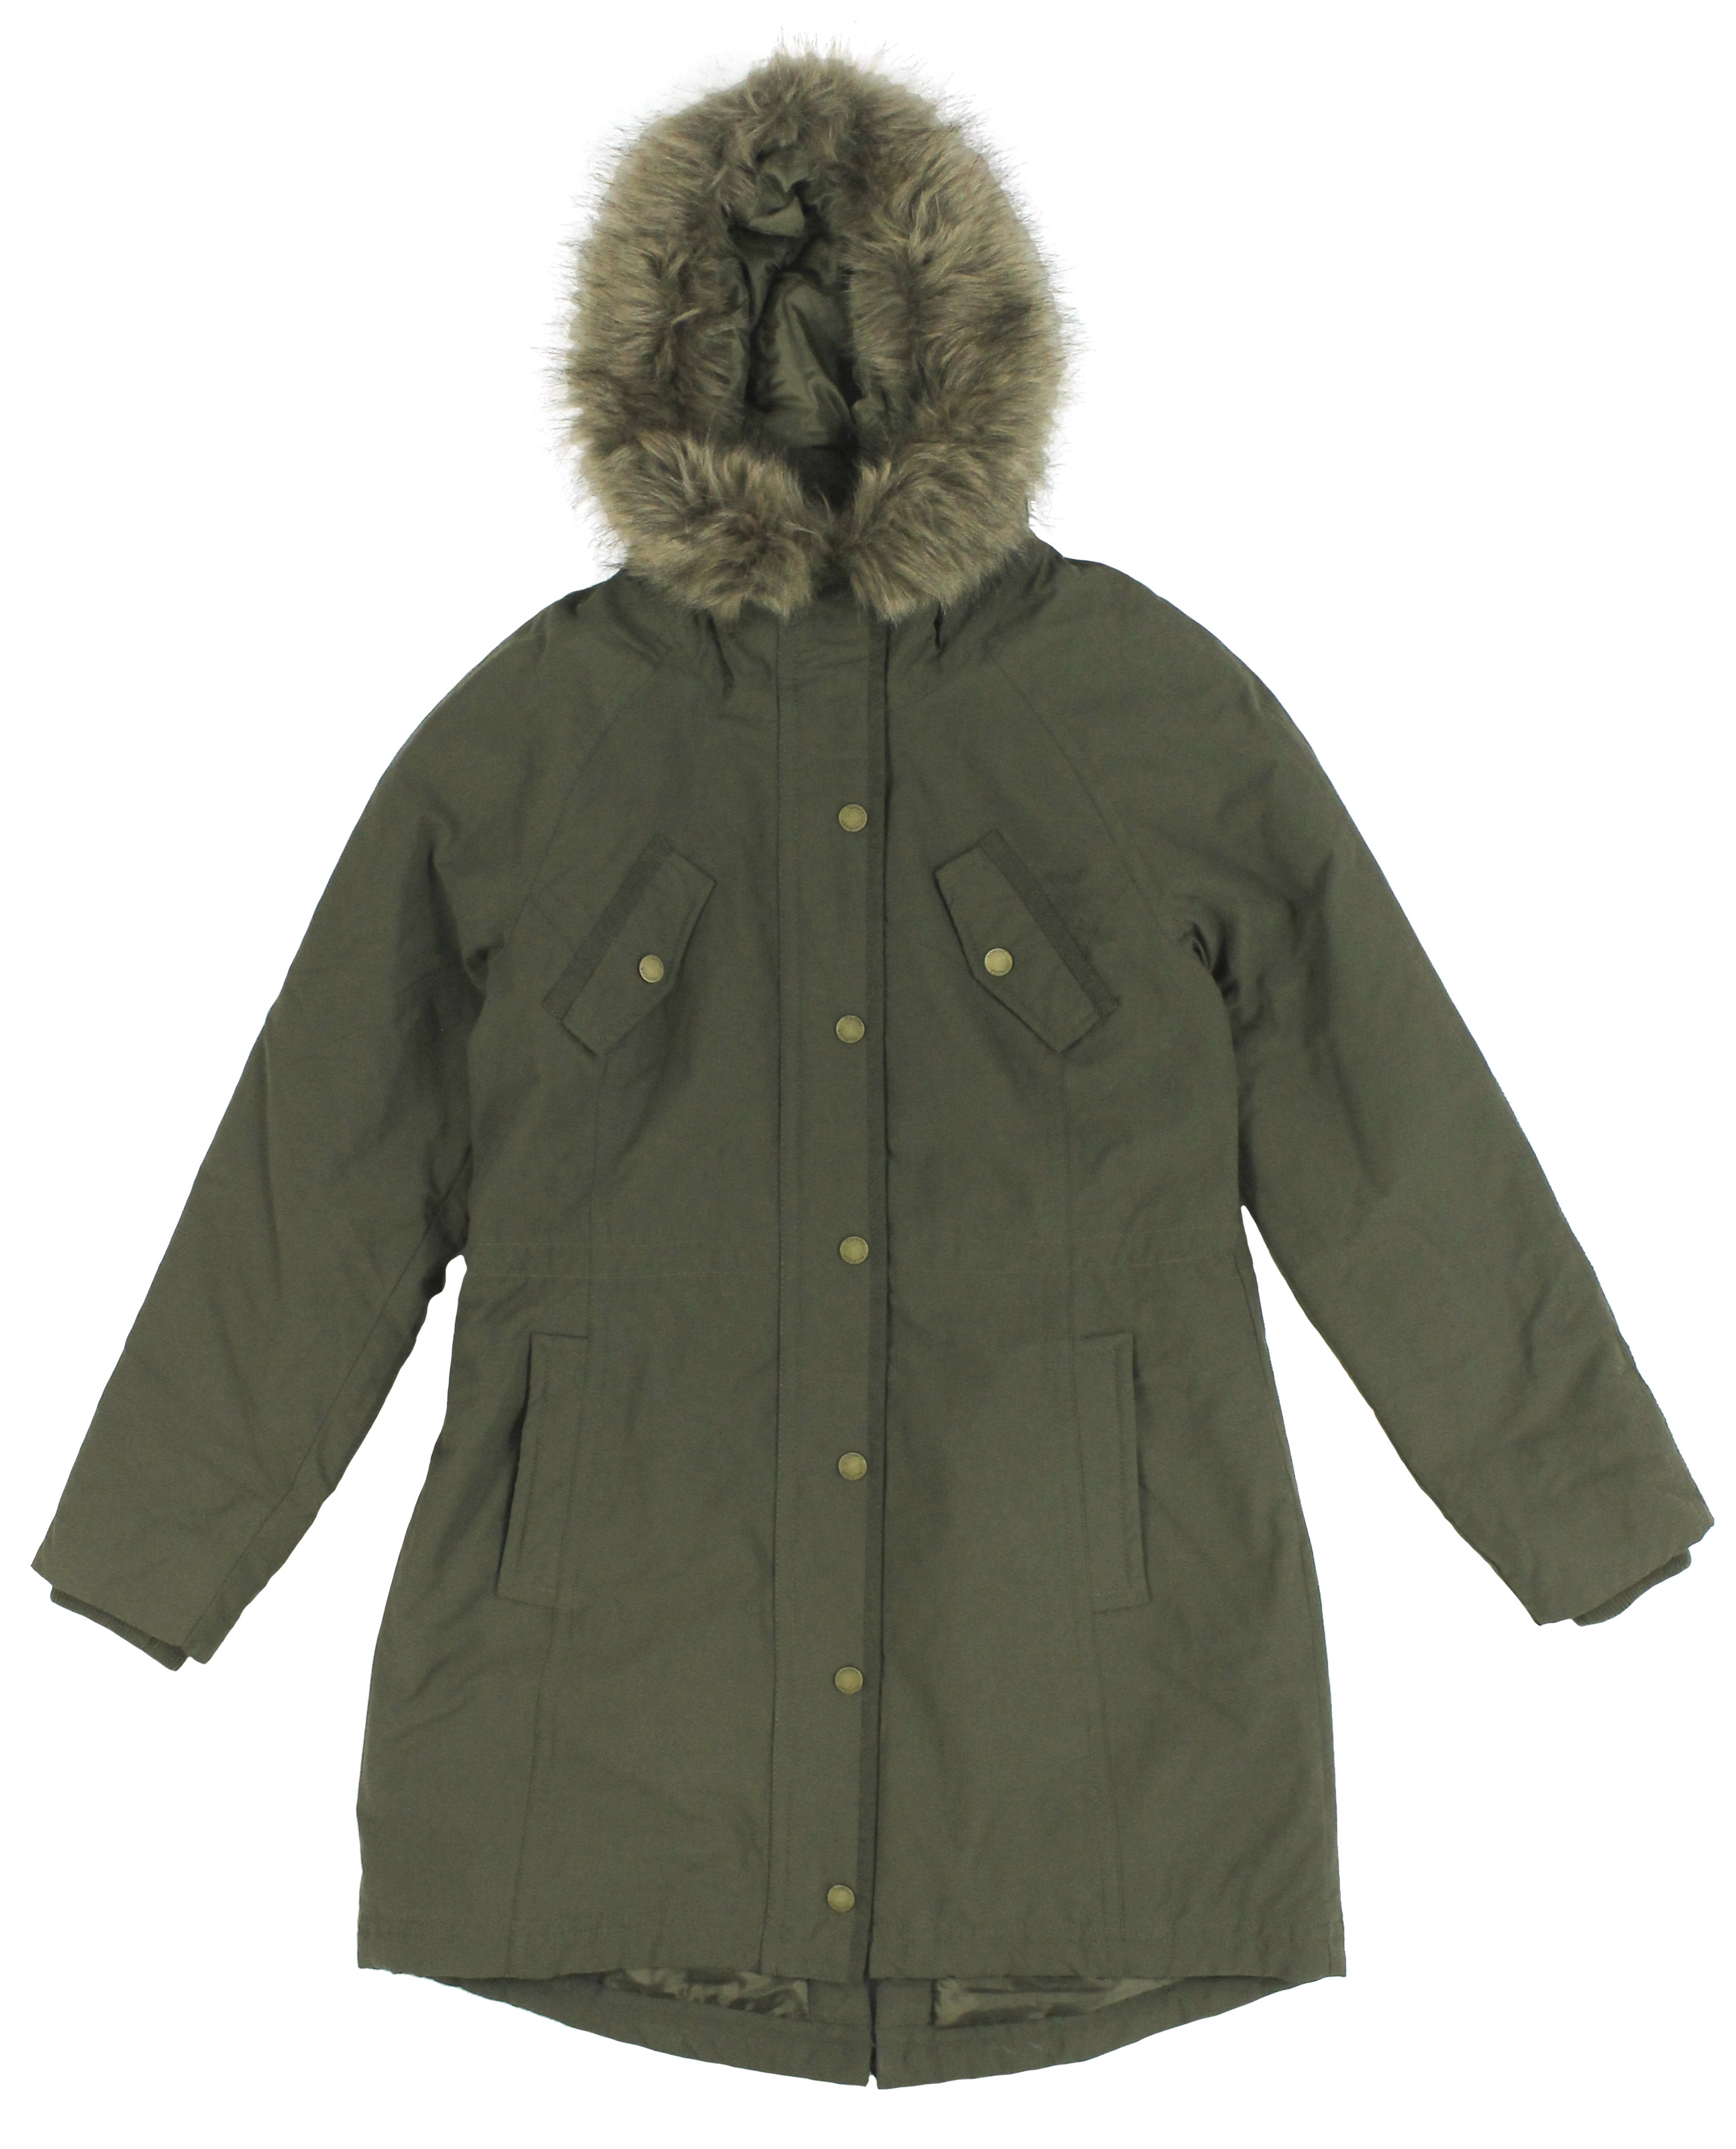 tommy hilfiger women 39 s faux fur trim hooded parka olive. Black Bedroom Furniture Sets. Home Design Ideas